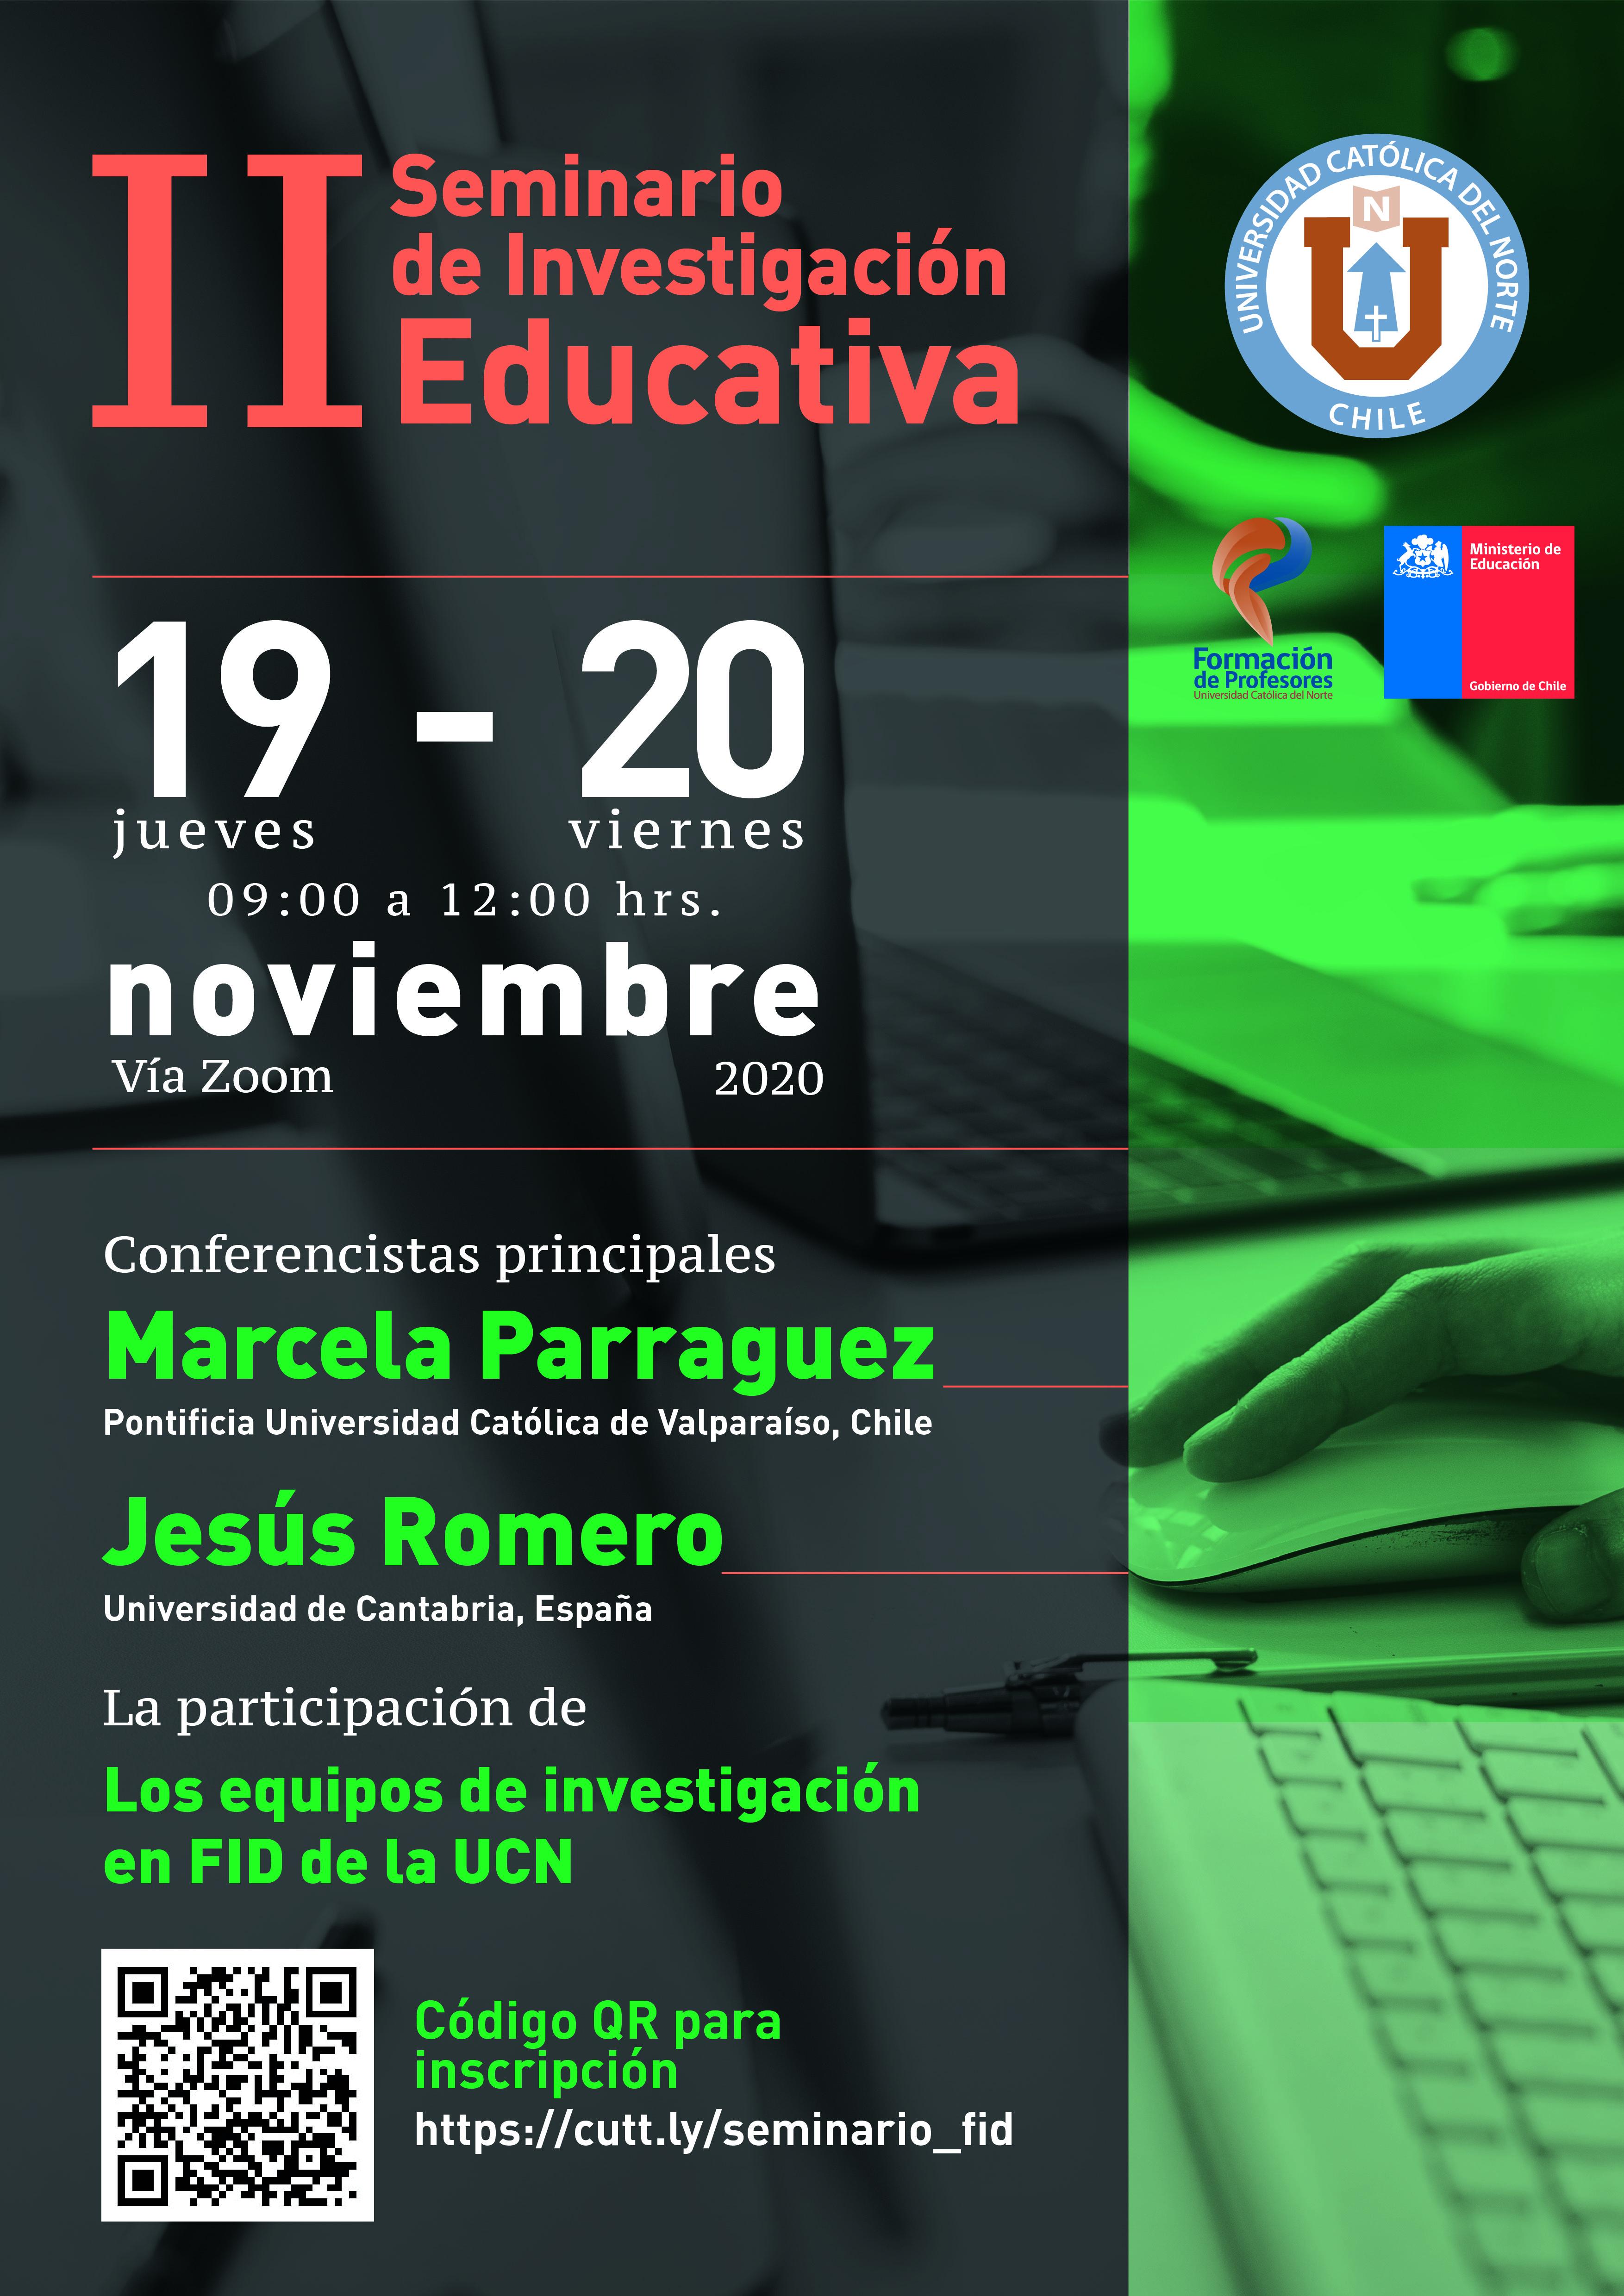 FID UCN invita a participar en II Seminario en Investigación en la UCN